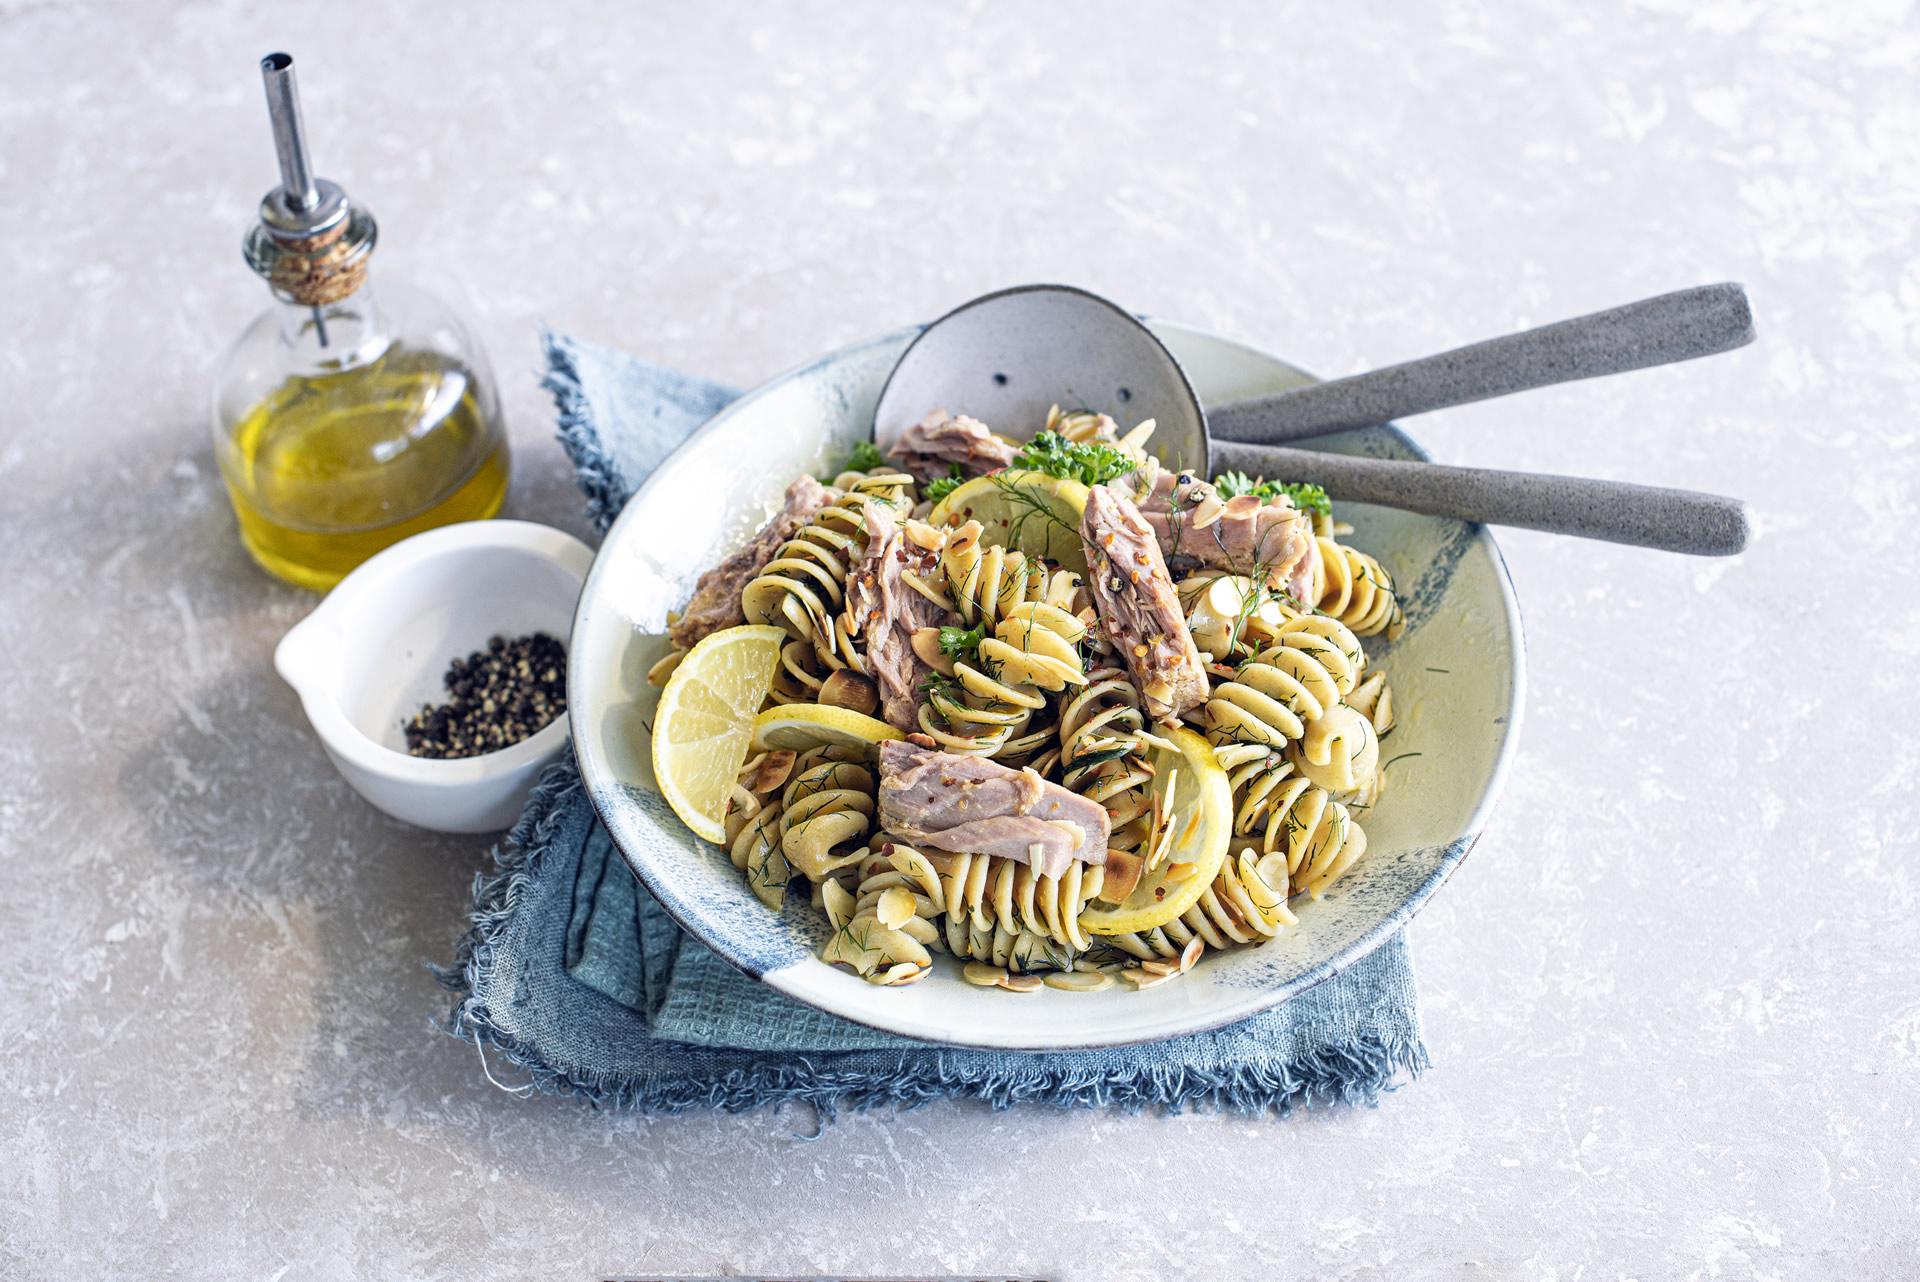 Insalata di pasta con limone, finocchietto e mandorle, filetti di tonno all'olio extra vergine di oliva